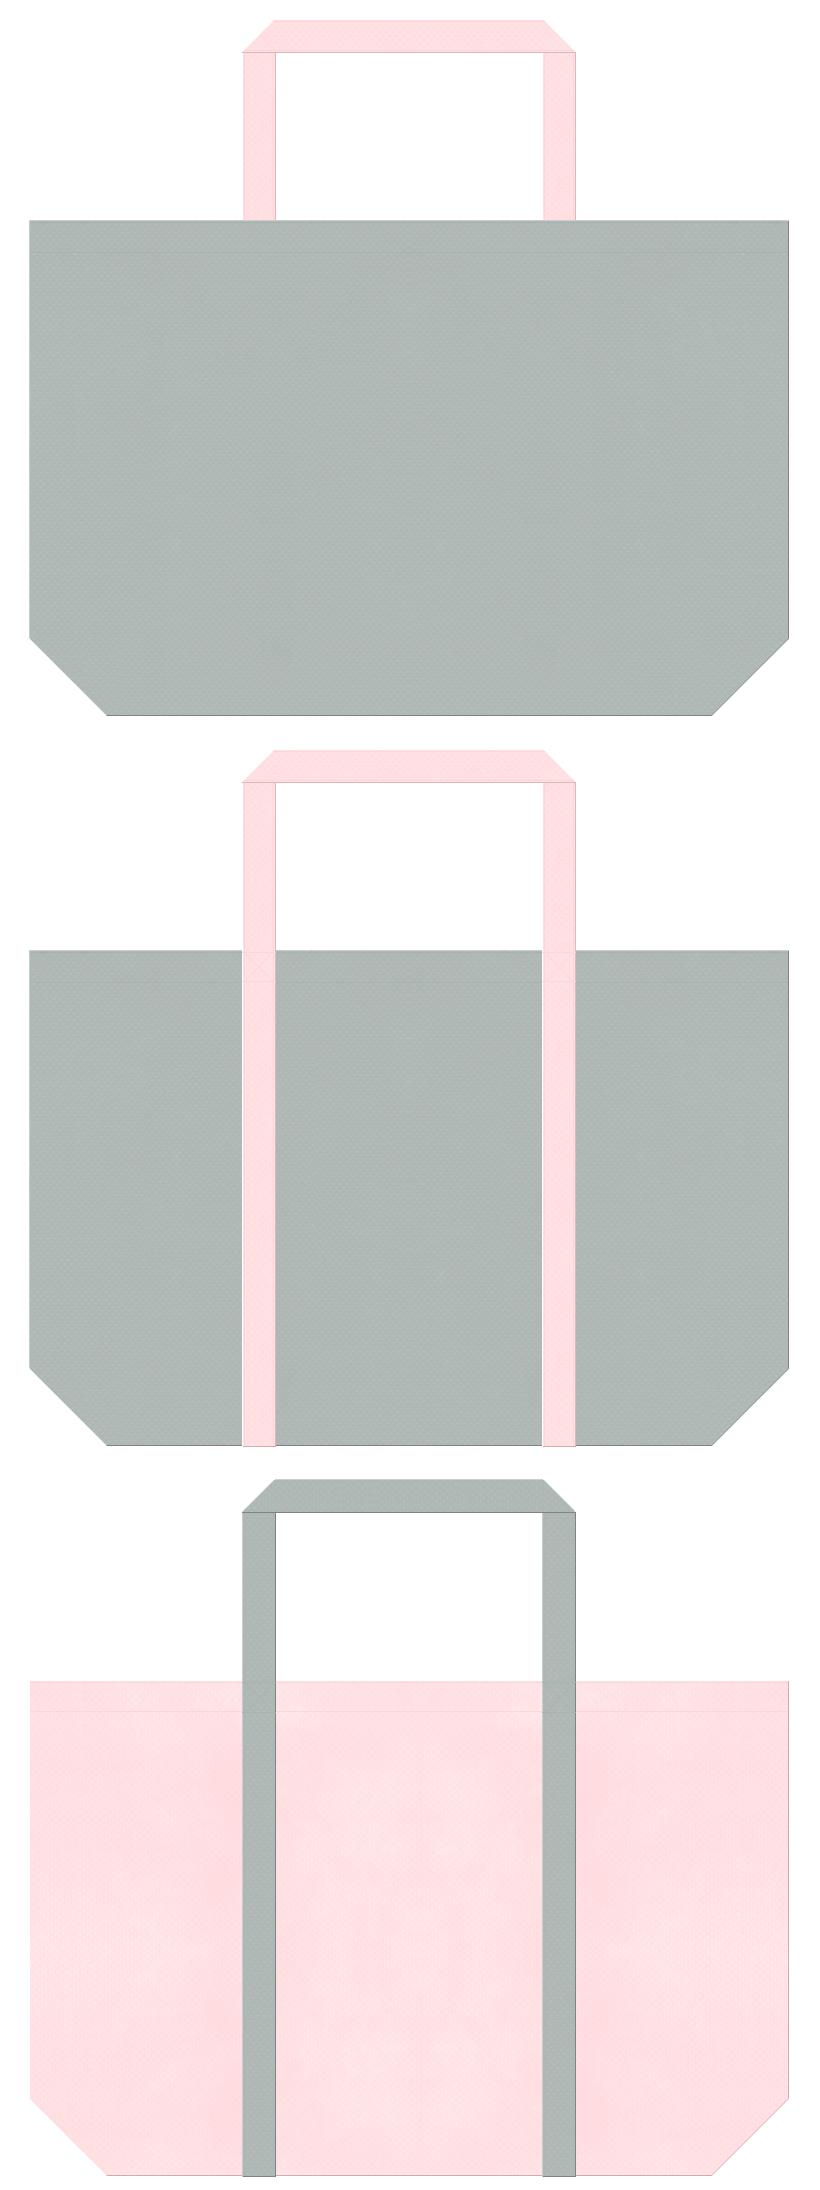 企業向けランドリーバッグにお奨めのコーデ。グレー色と桜色の不織布エコバッグのデザイン。